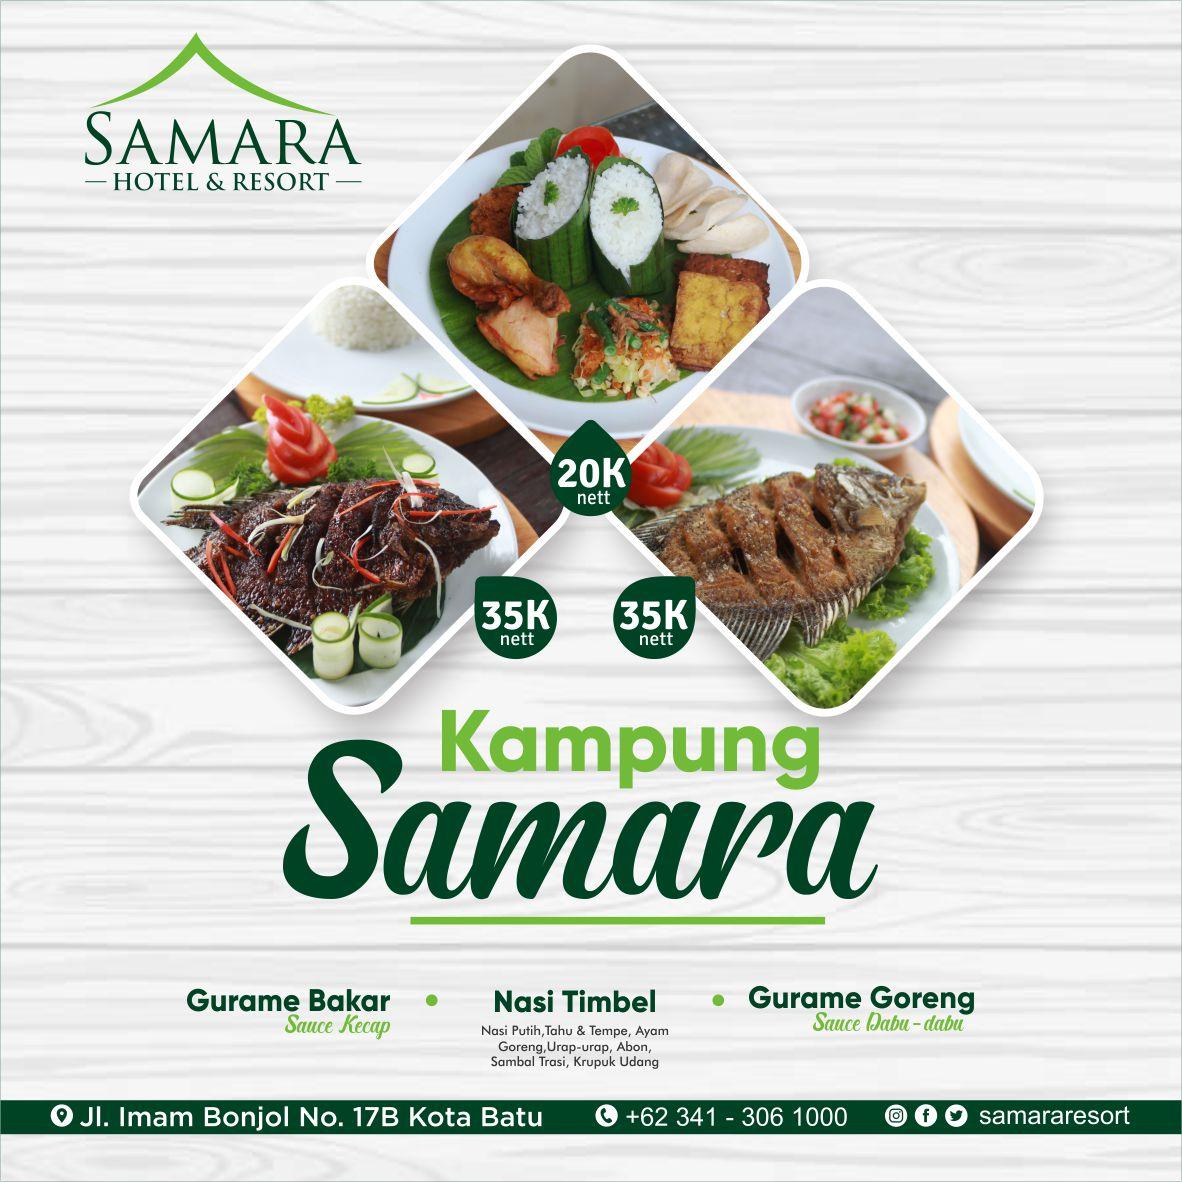 Kampung Samara Feed